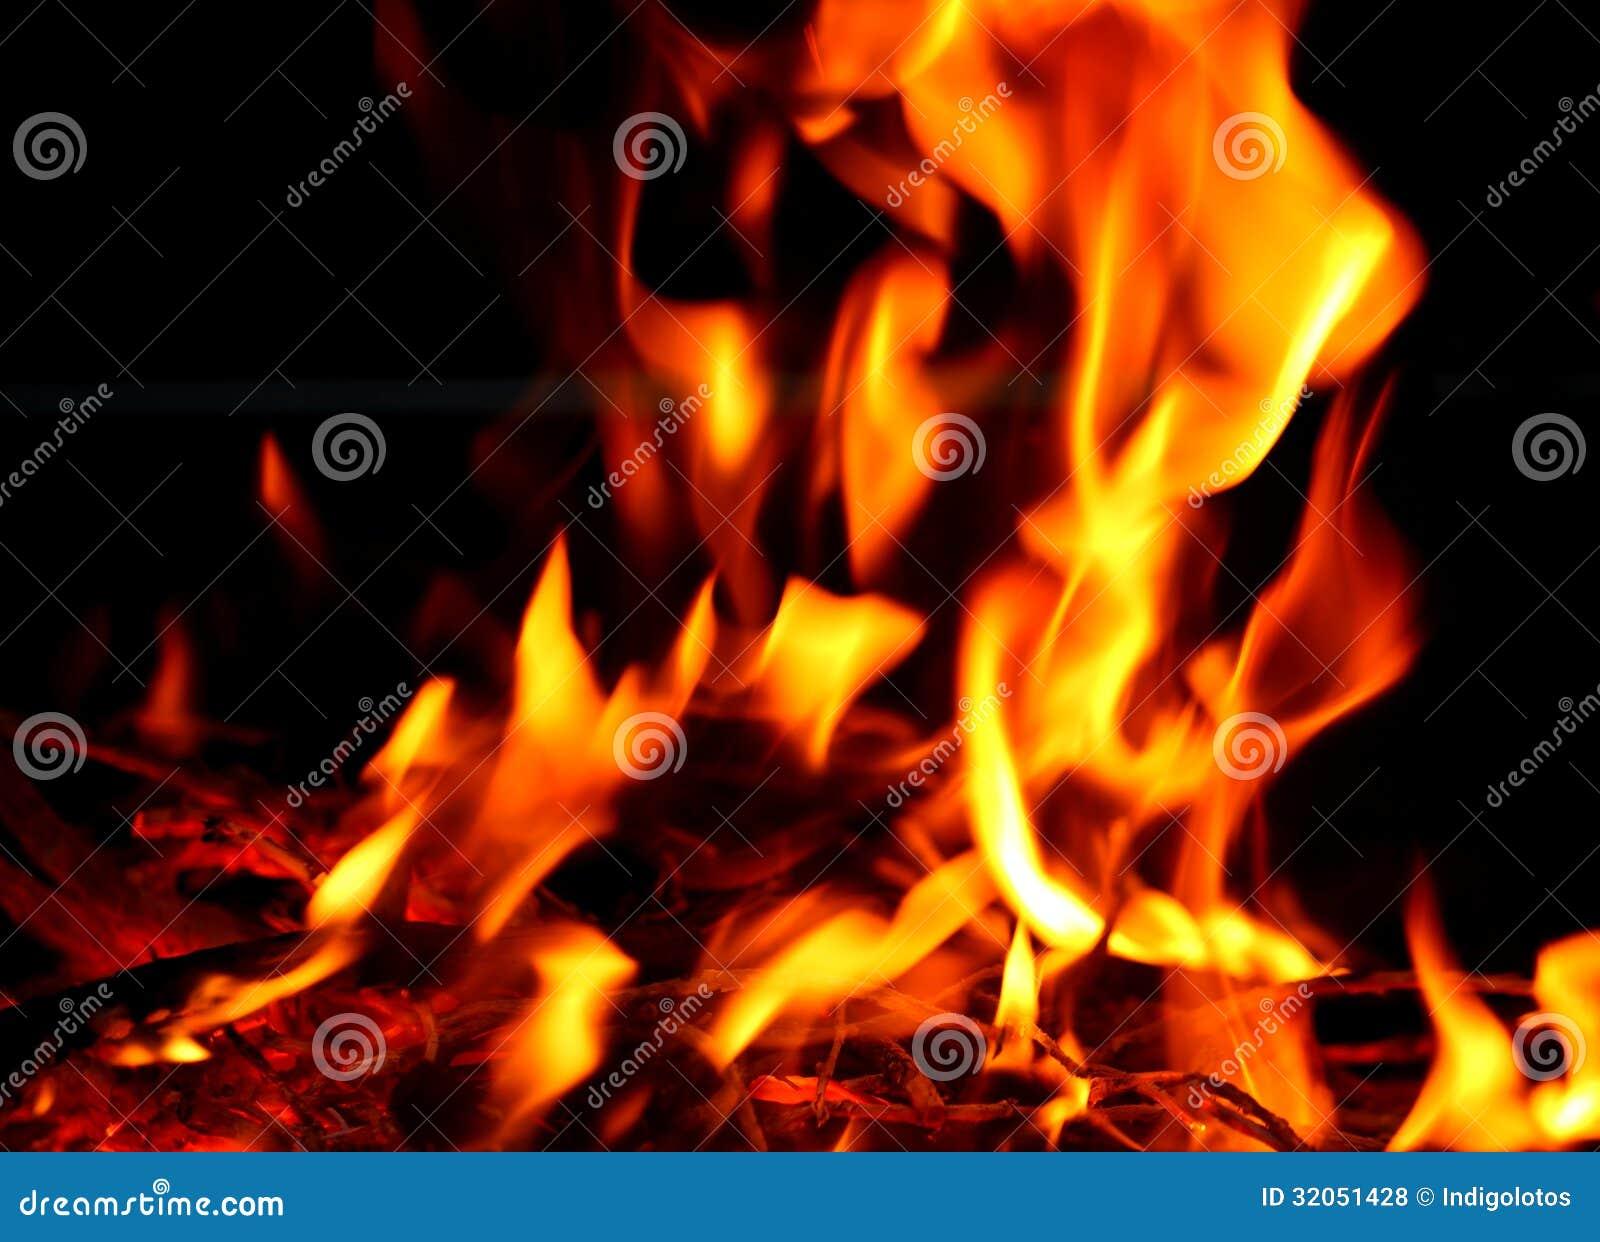 Texture De Flamme Du Feu De Flamme Sur Un Fond Entier Photo stock - Image du enfer, heat: 32051428